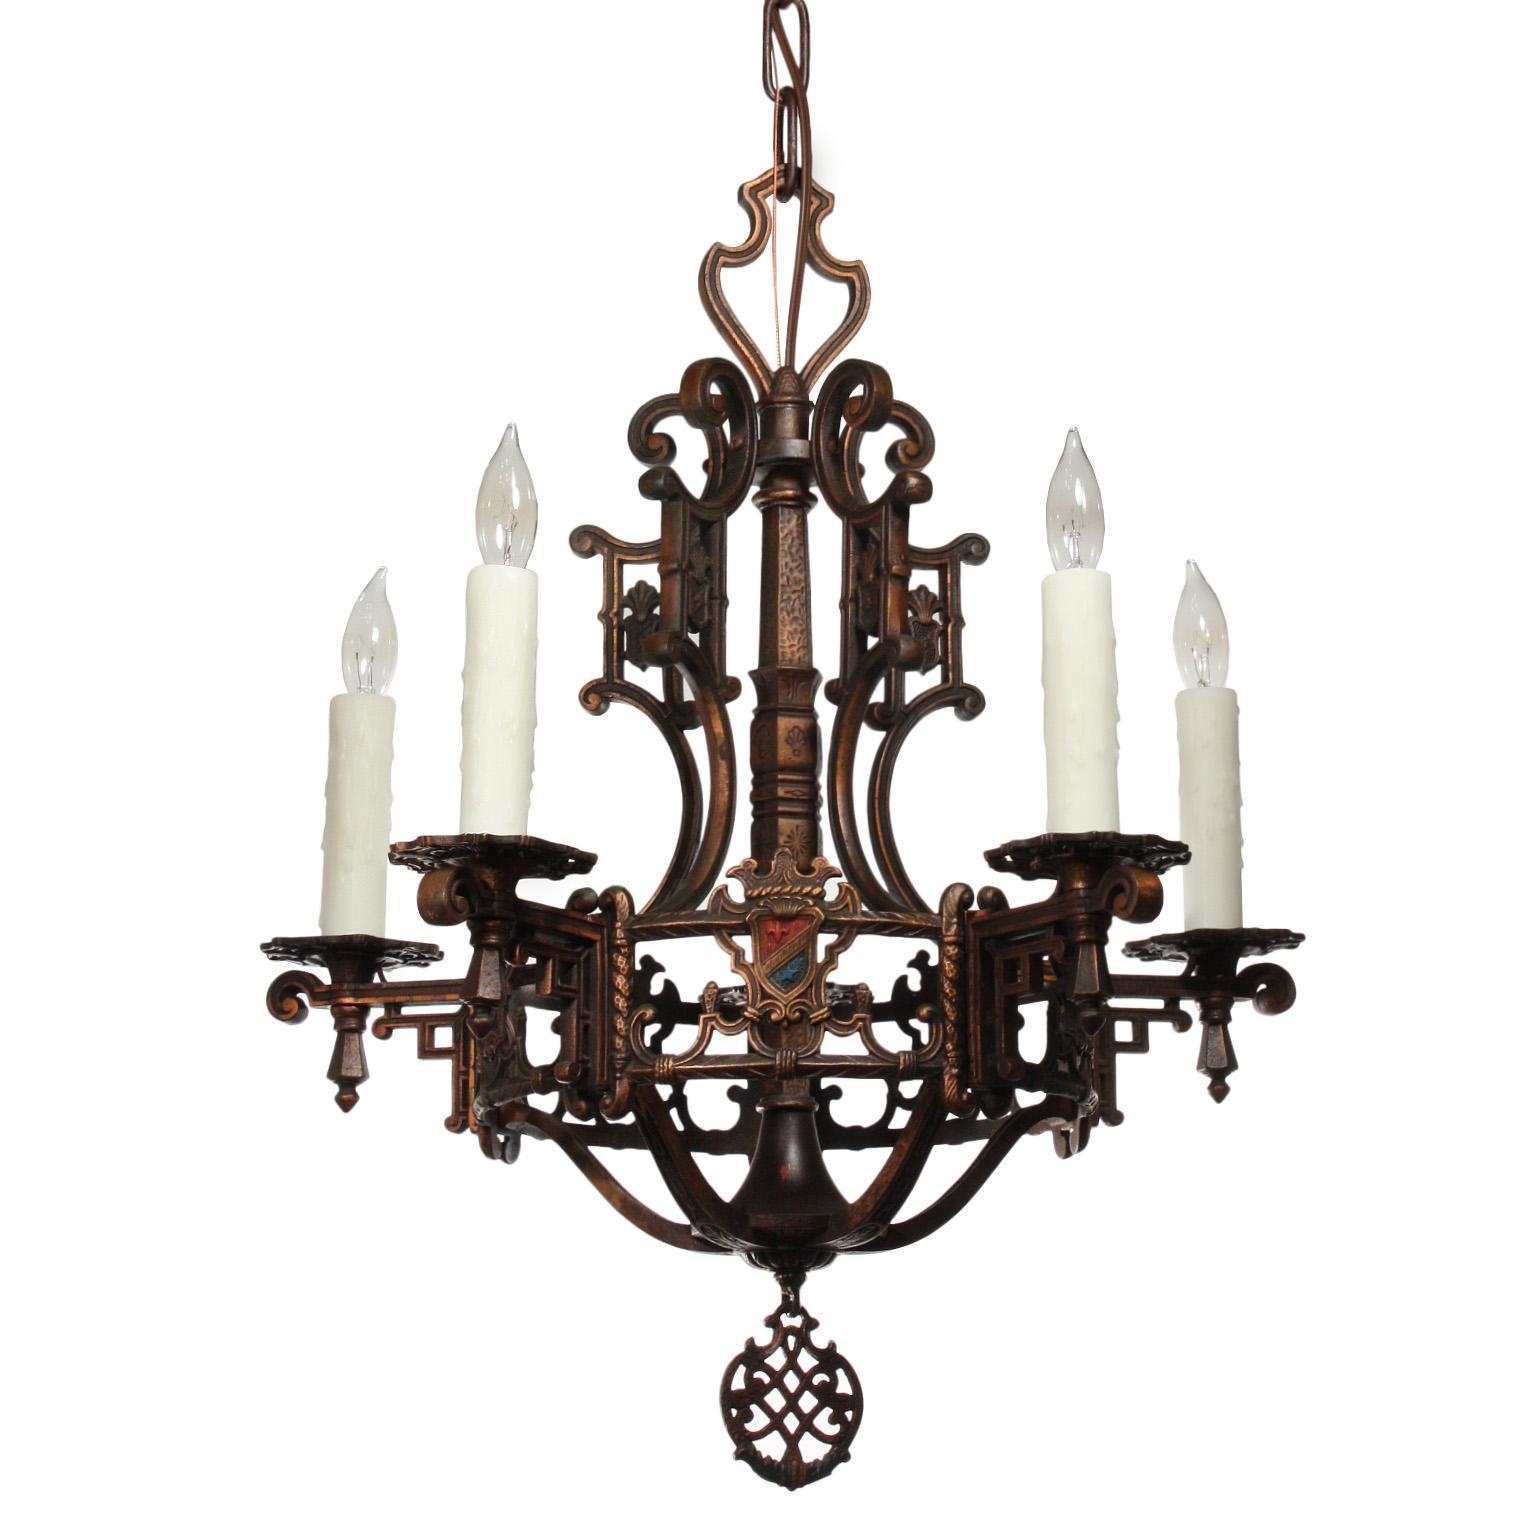 Fantastic Antique Cast Bronze Spanish Revival Chandelier with Shields